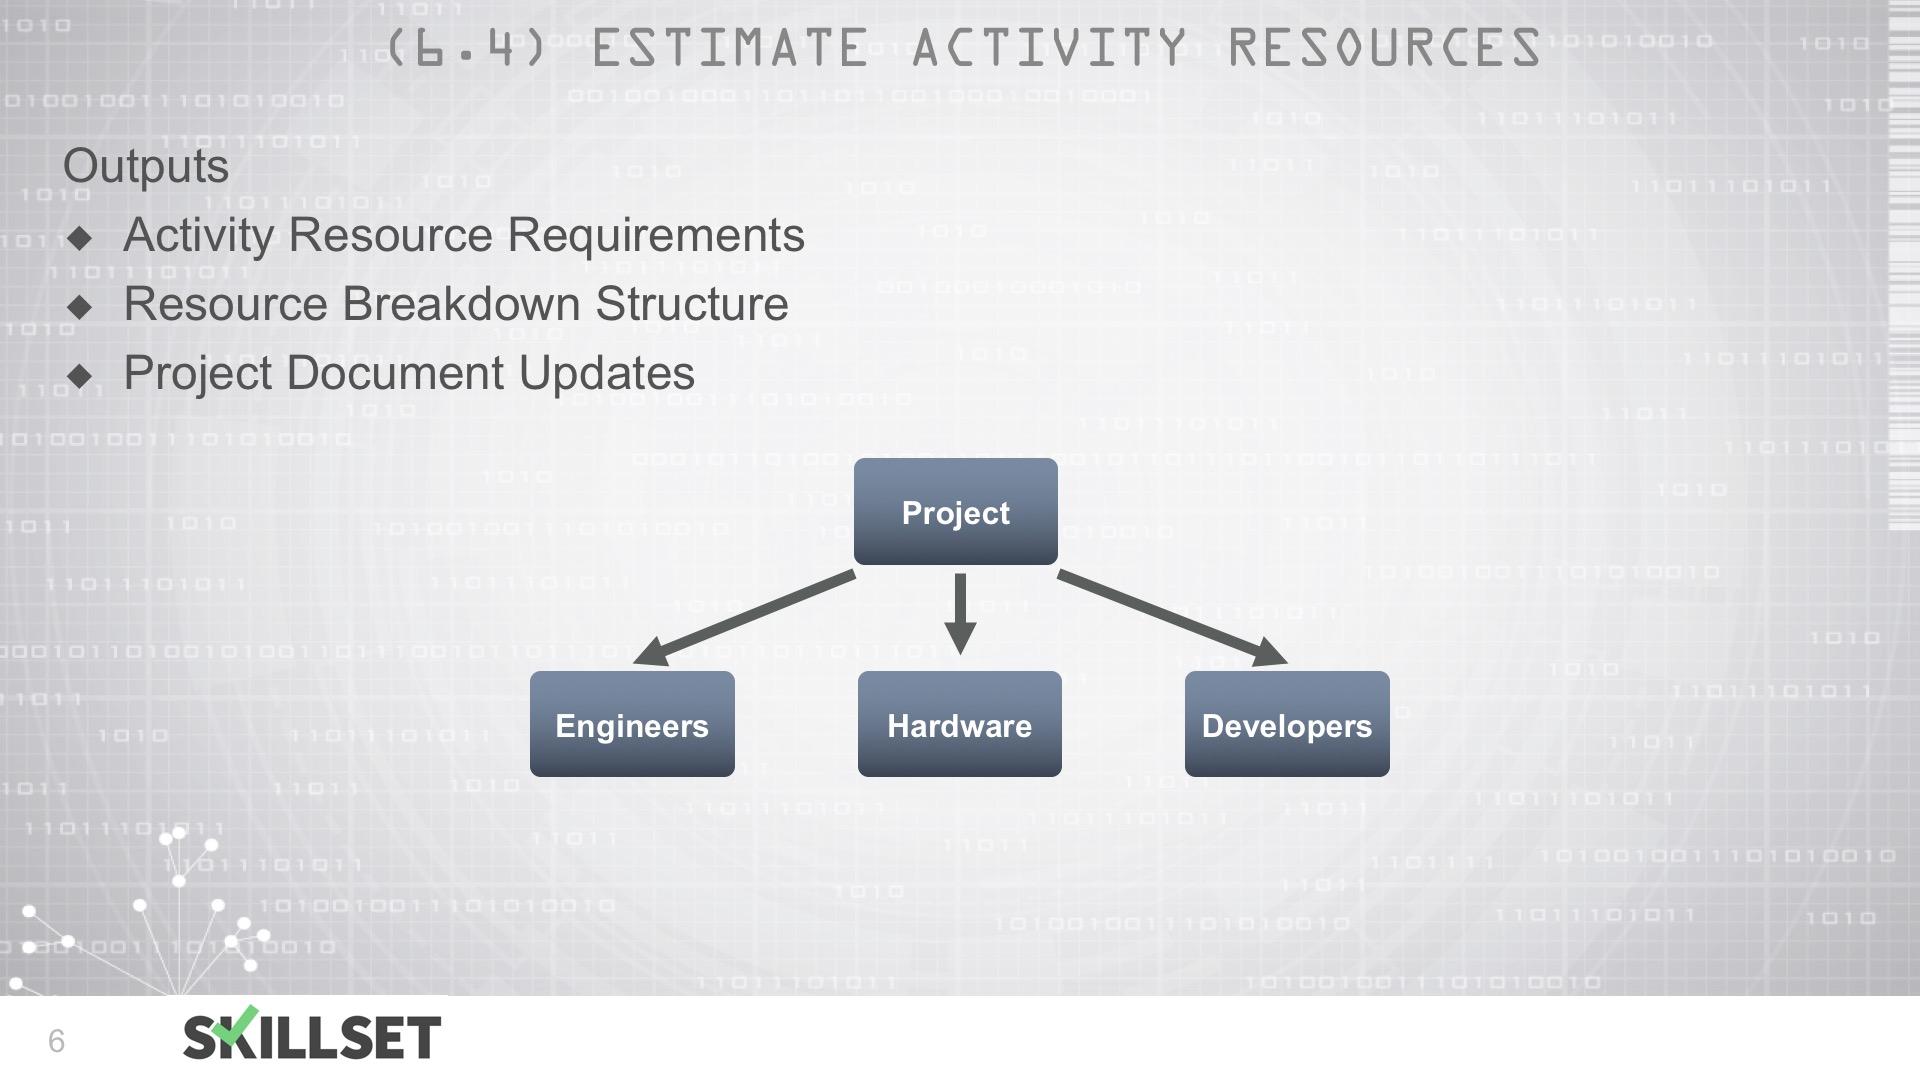 T42-Estimate Resource Activities ITTOs